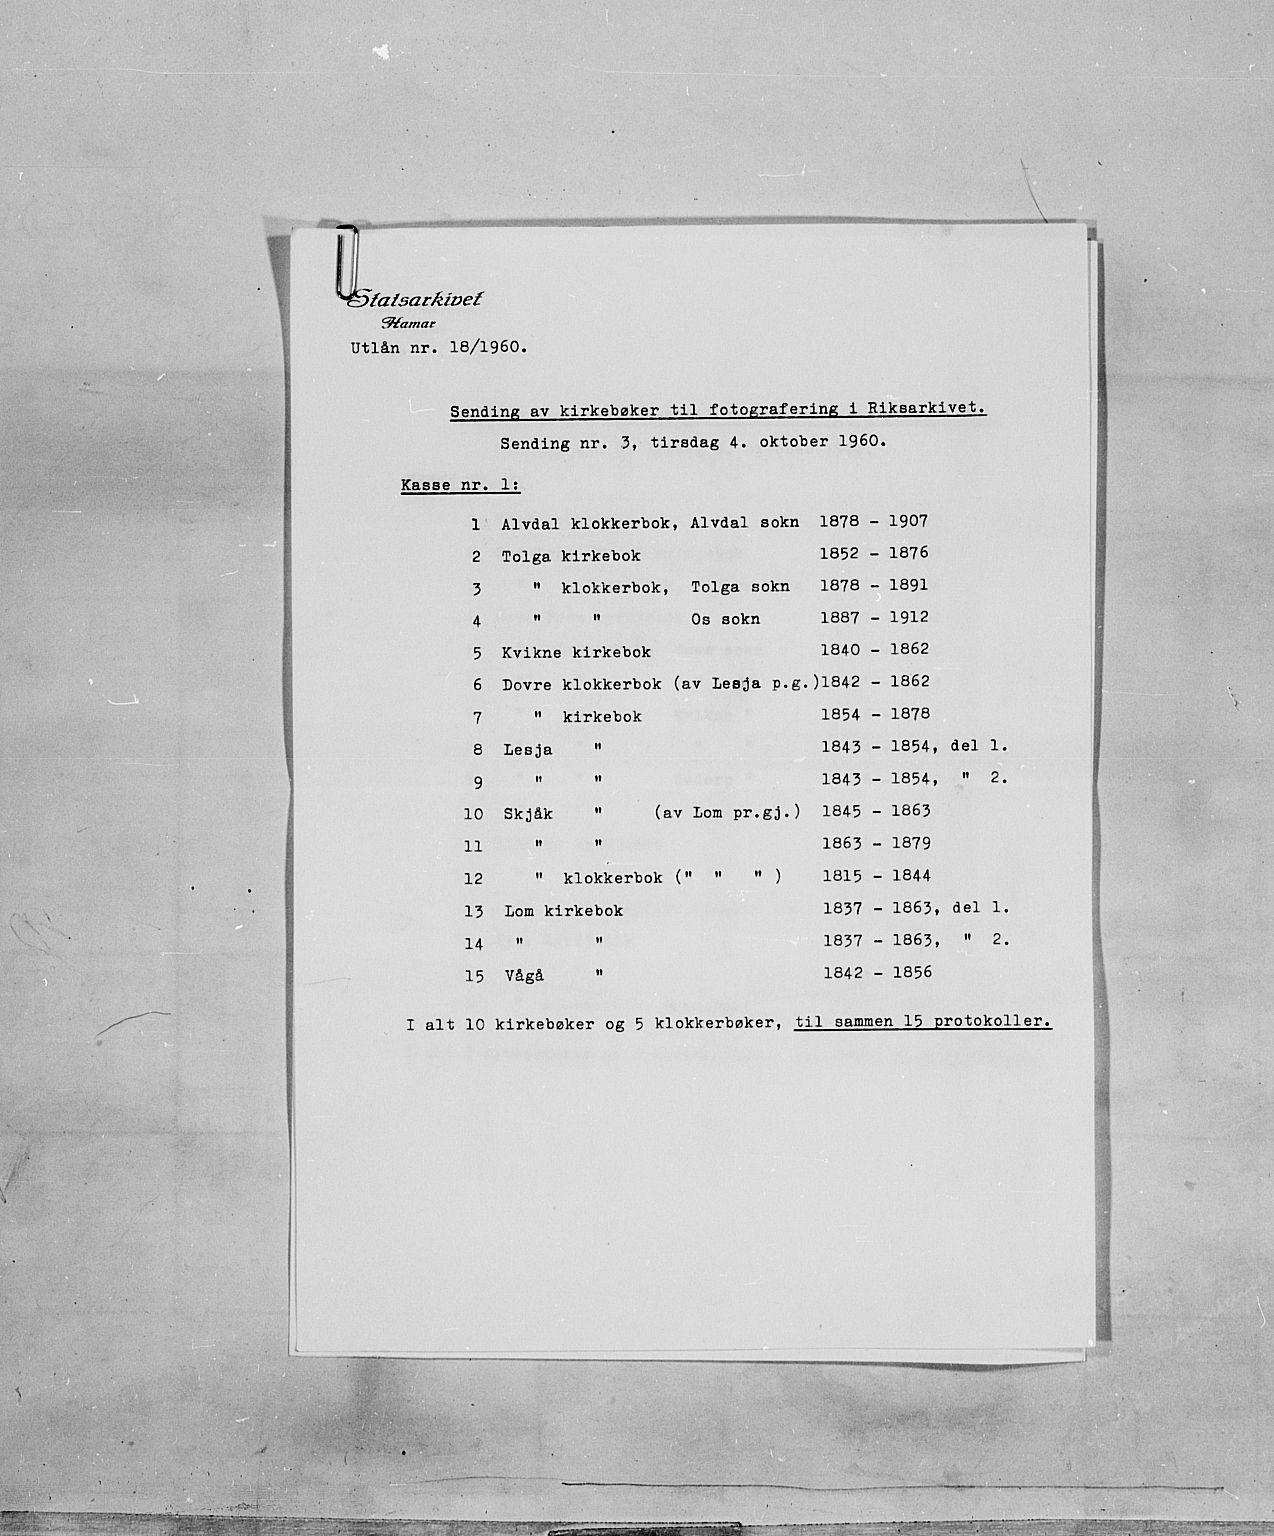 SAH, Lom prestekontor, L/L0004: Klokkerbok nr. 4, 1845-1864